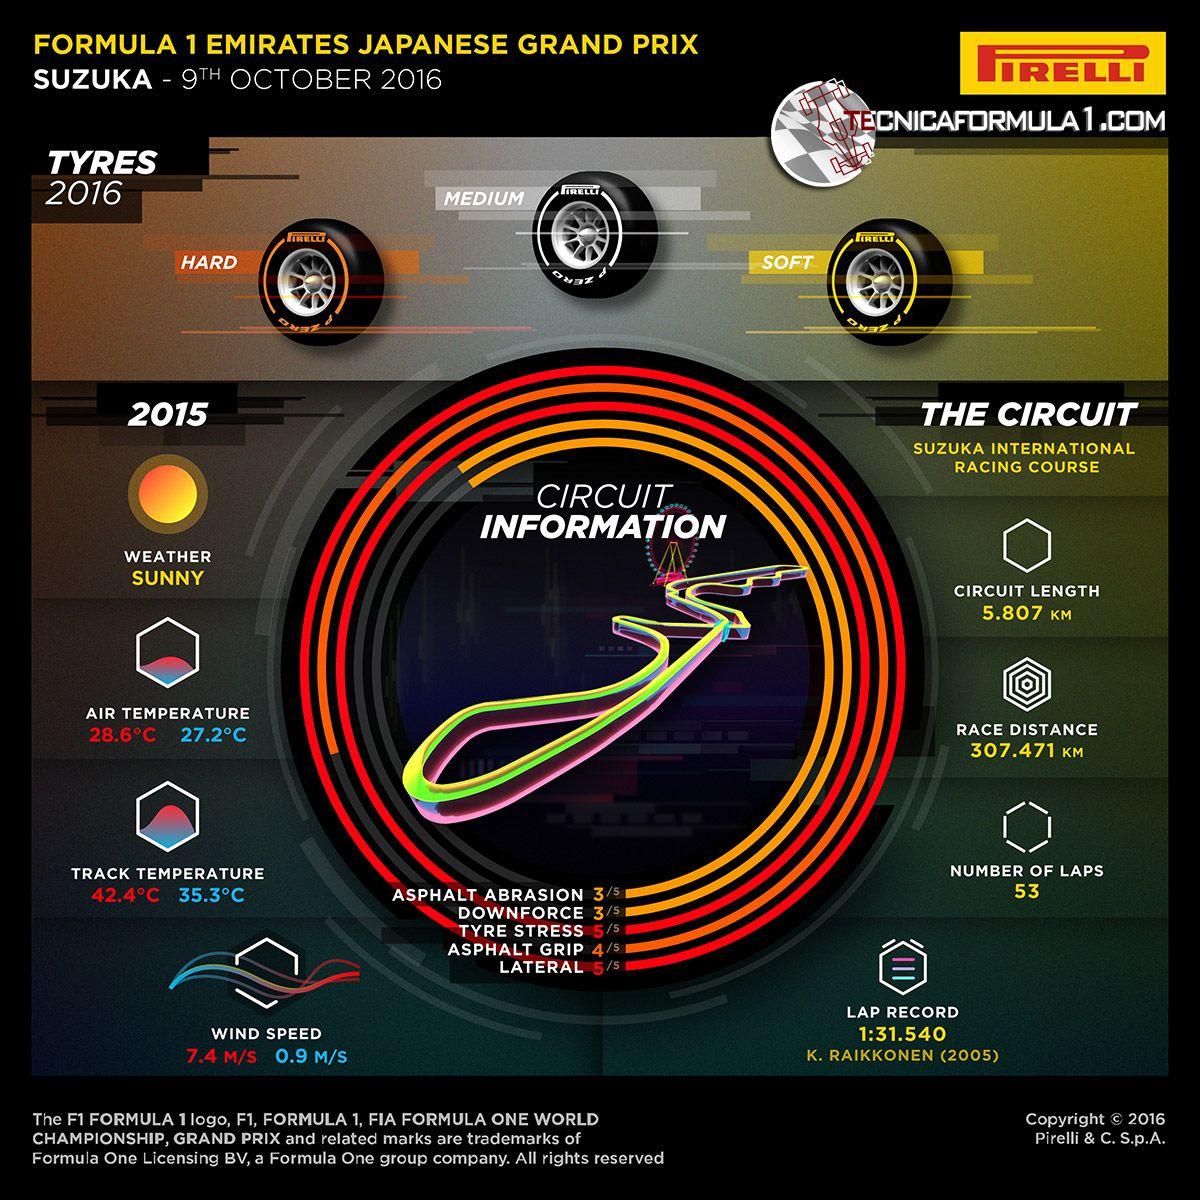 La preview della Pirelli del GP del Giappone 2016 (foto da: tecnicaformula1.com)